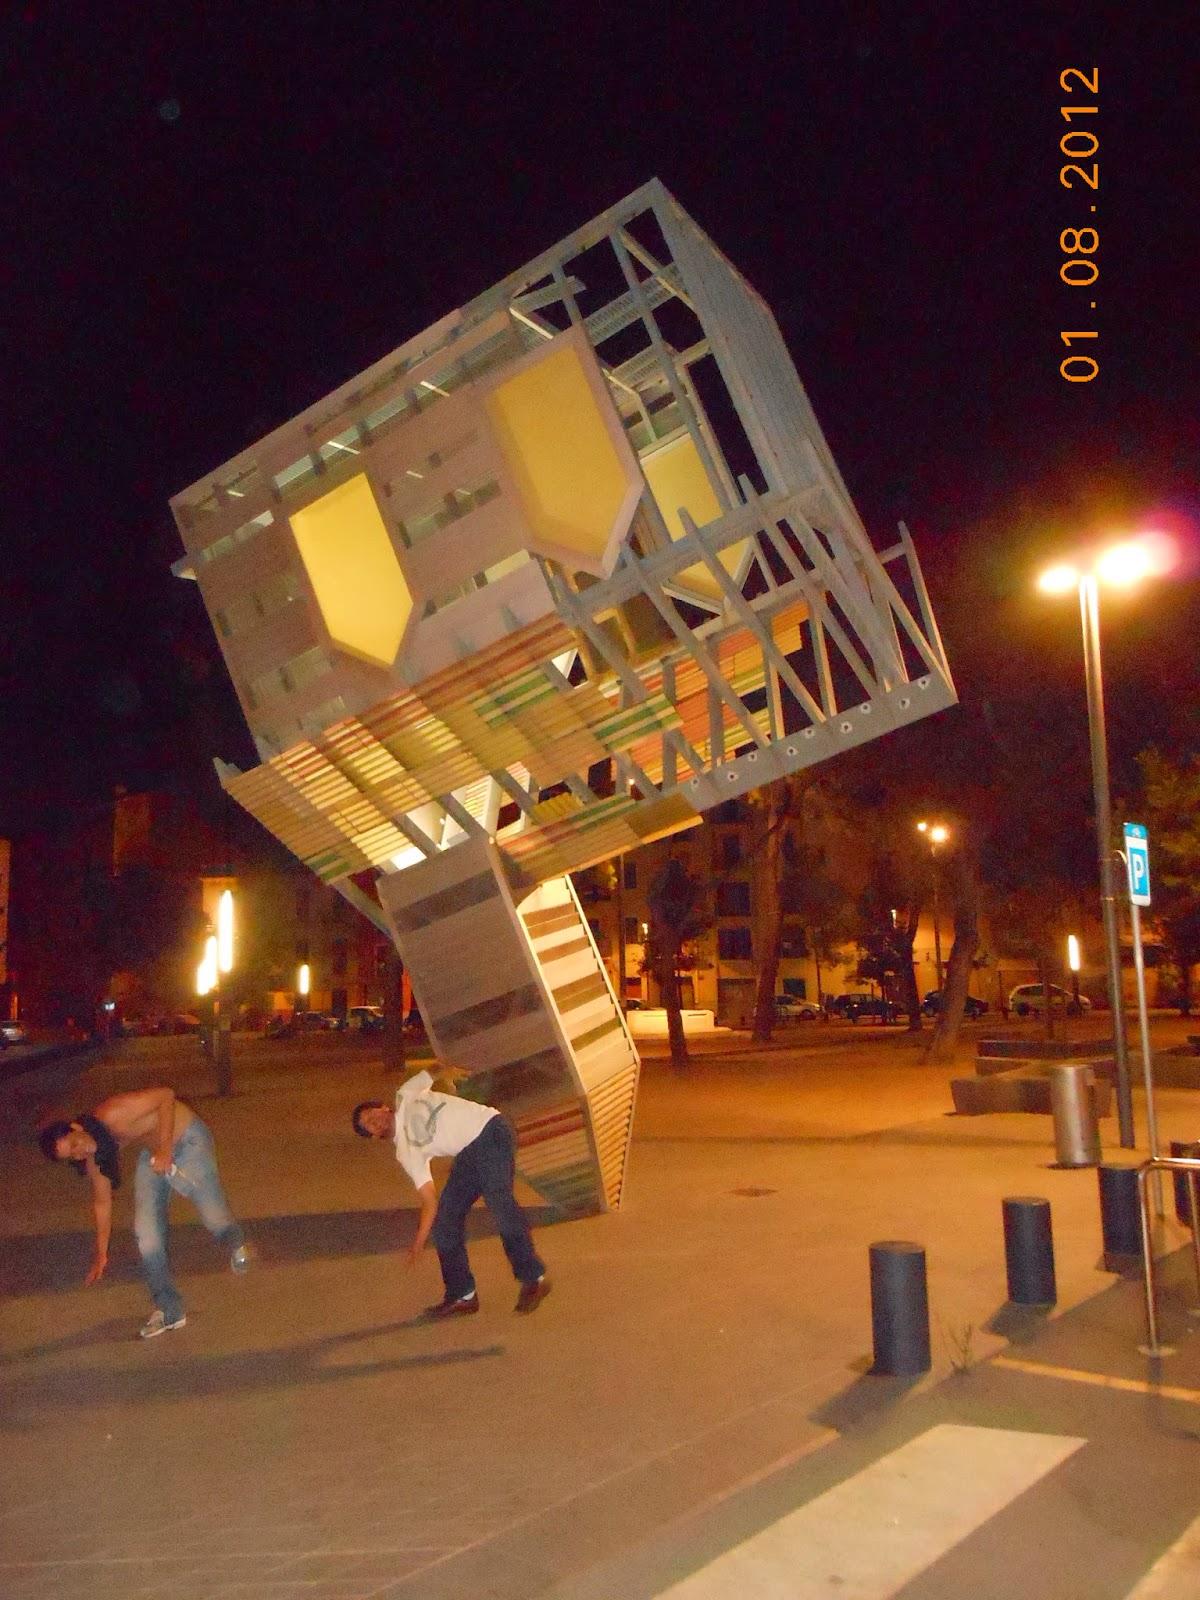 Beber demais causa terremoto alcoólico - Palma de Maiorca- Espanha - Praia